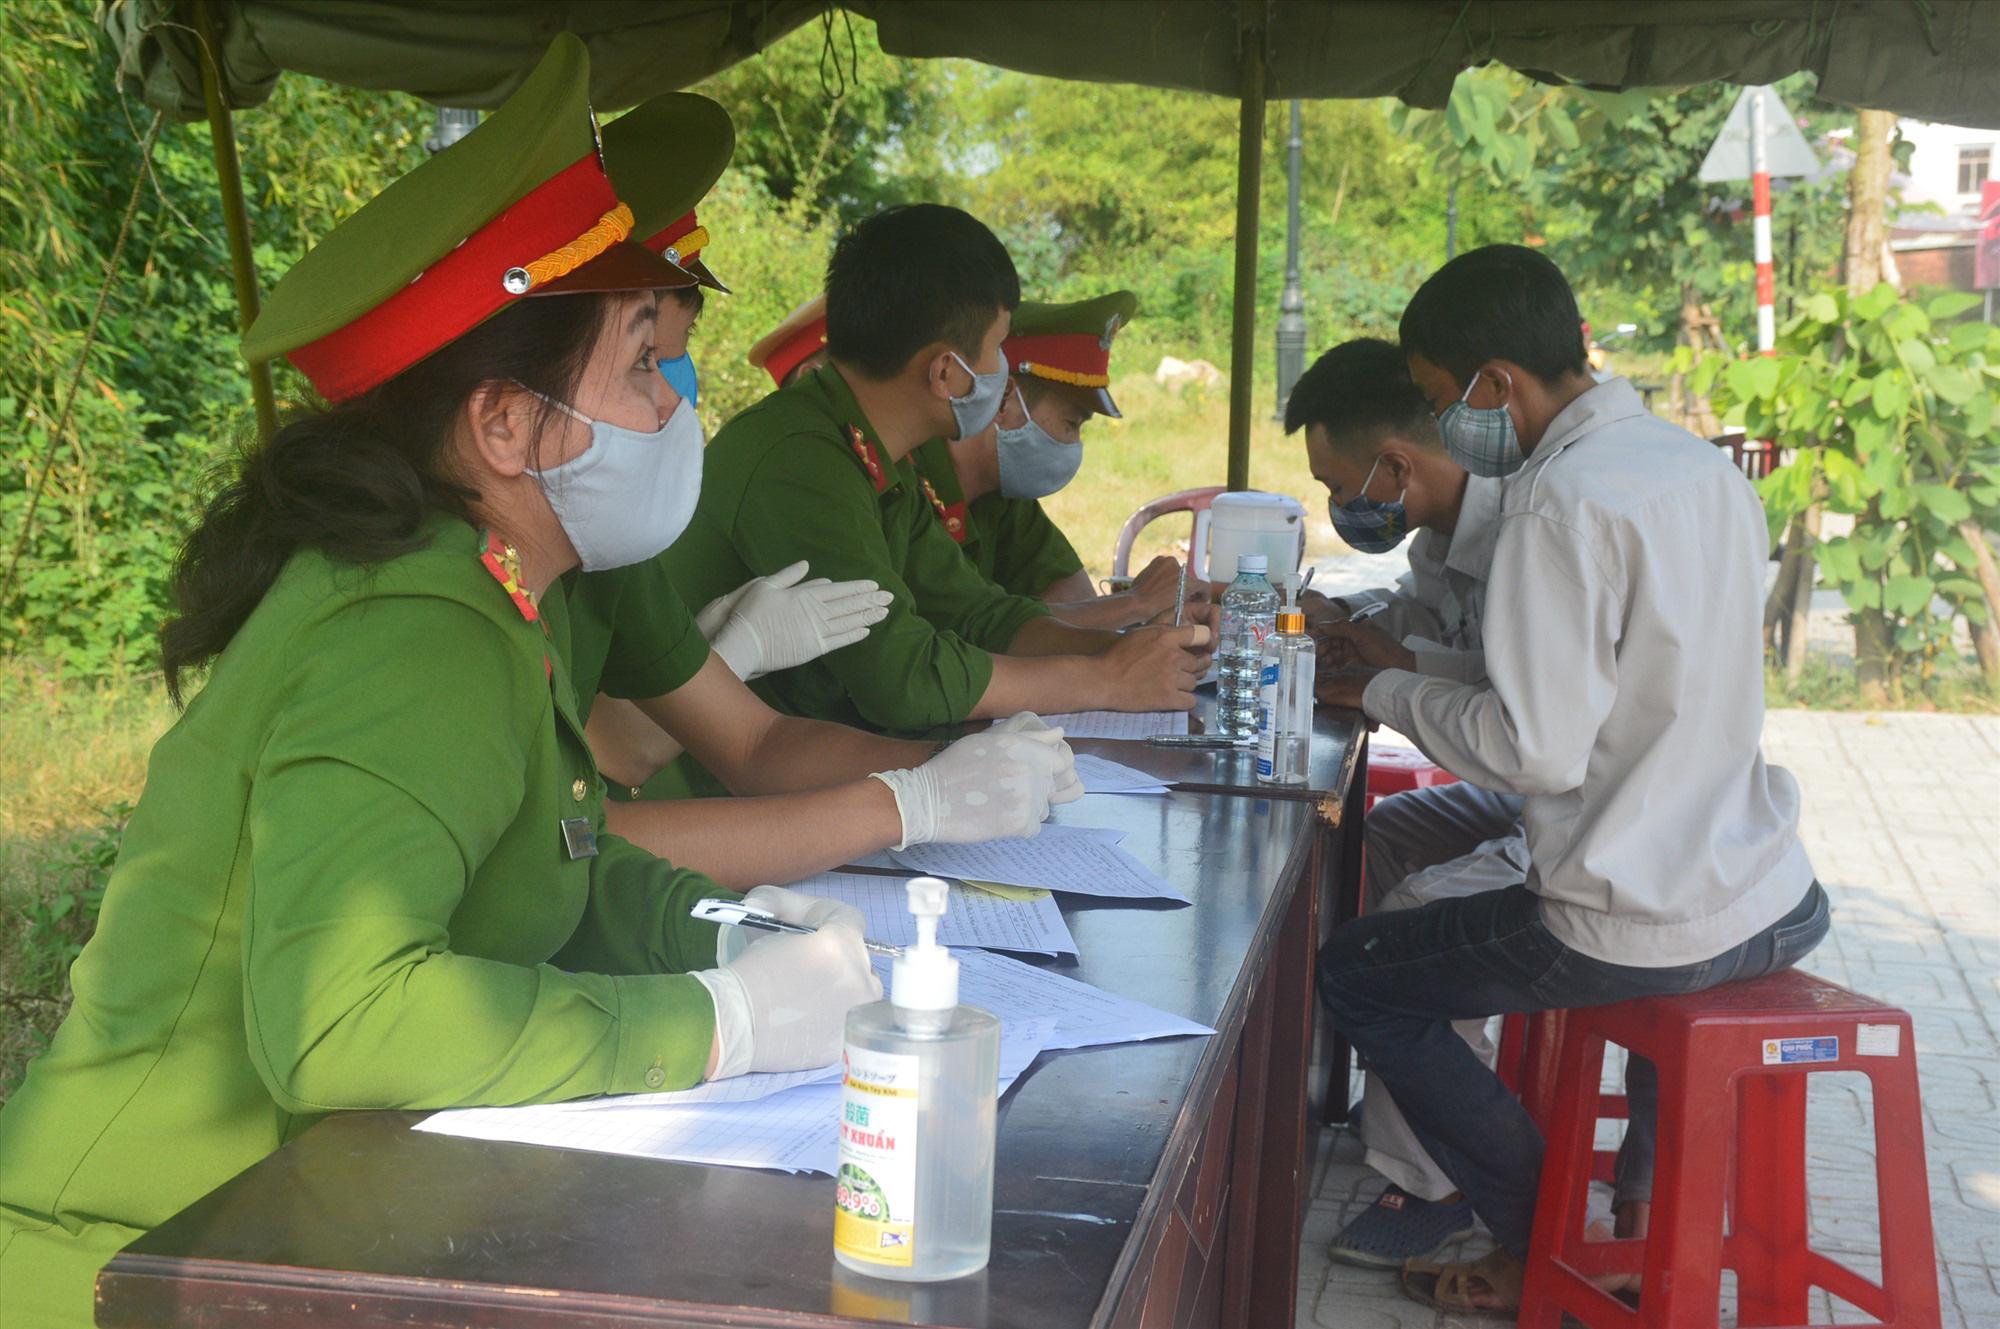 Nam thanh niên Quảng Nam tát nữ cán bộ chốt kiểm soát dịch Covid-19 - Ảnh 1.